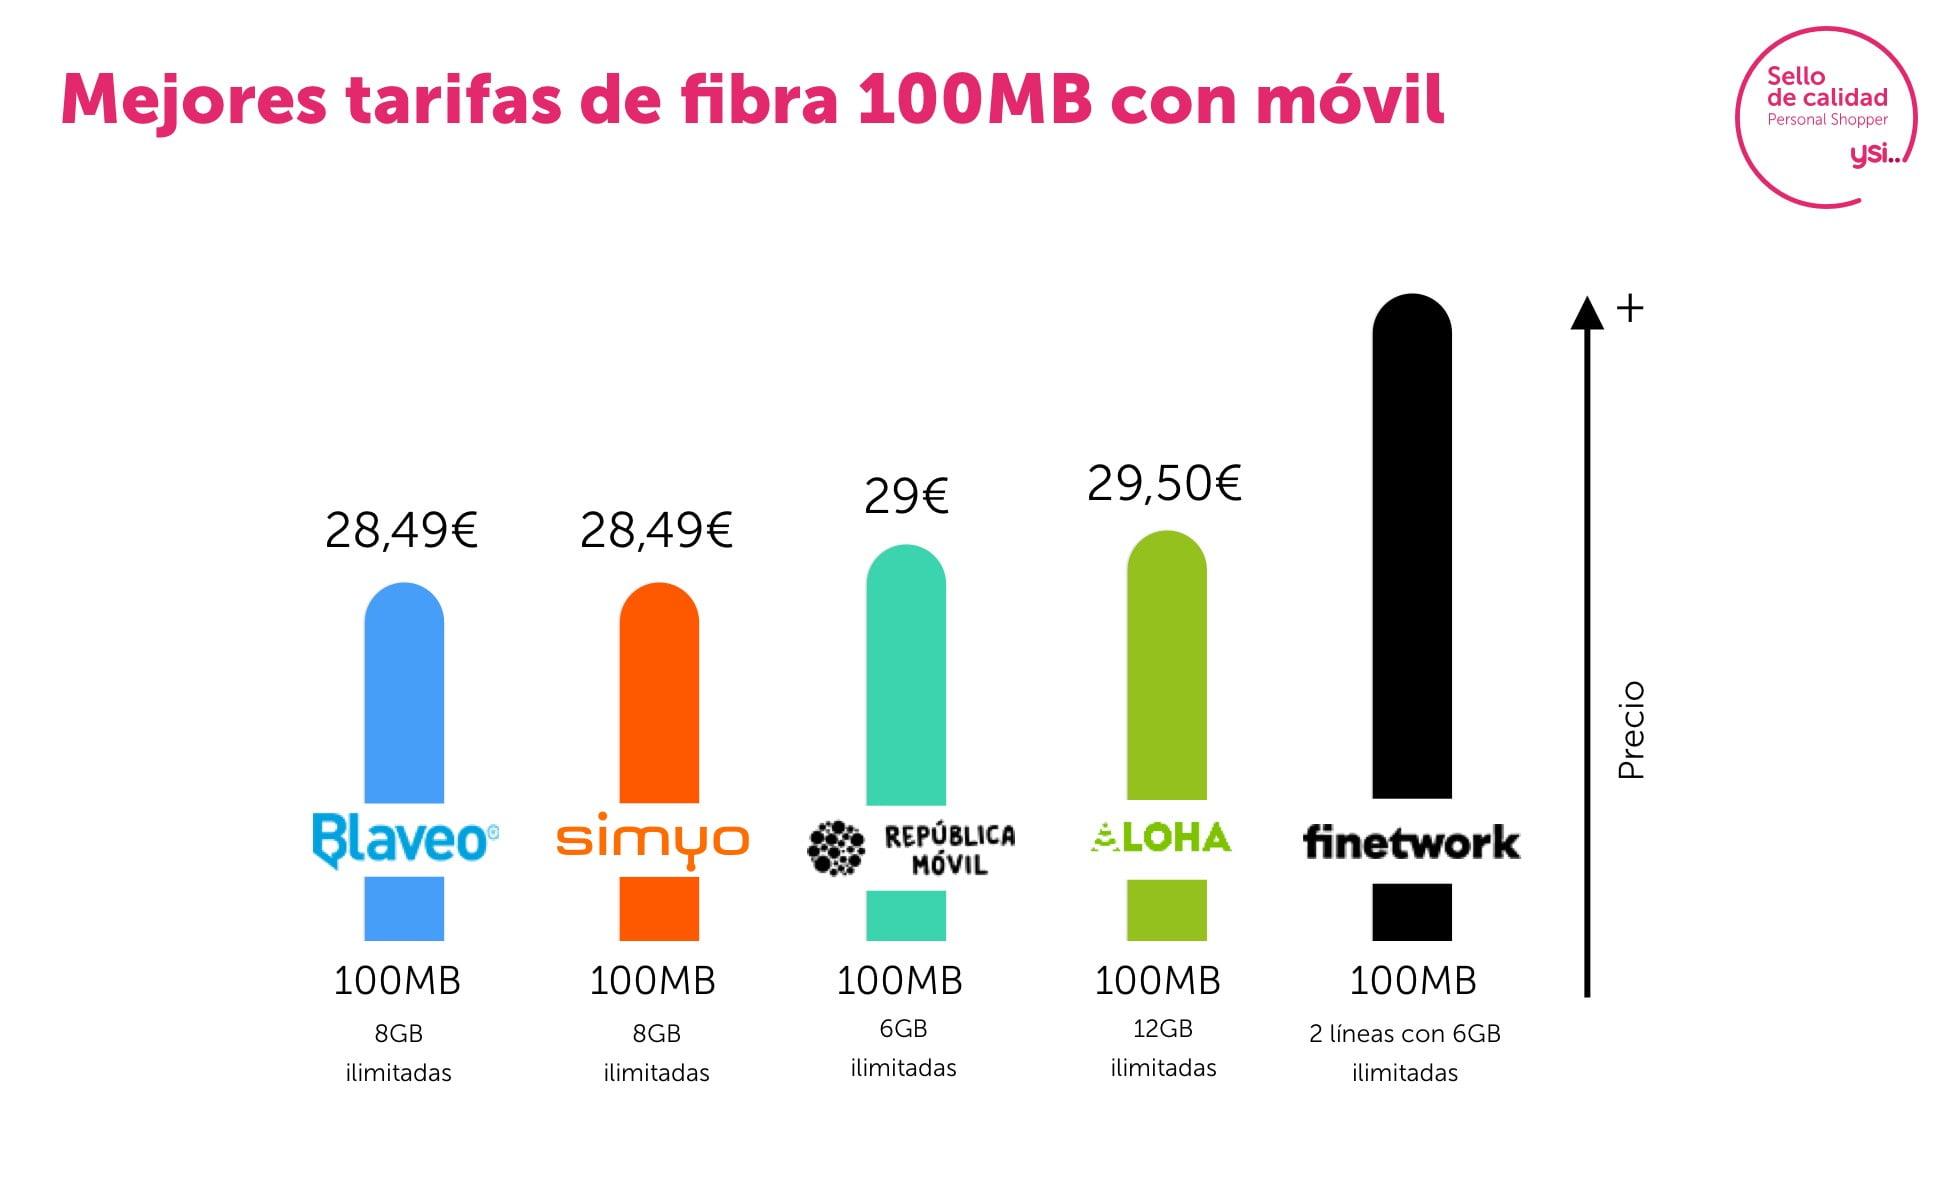 Combinados fibra 100Mb y móvil